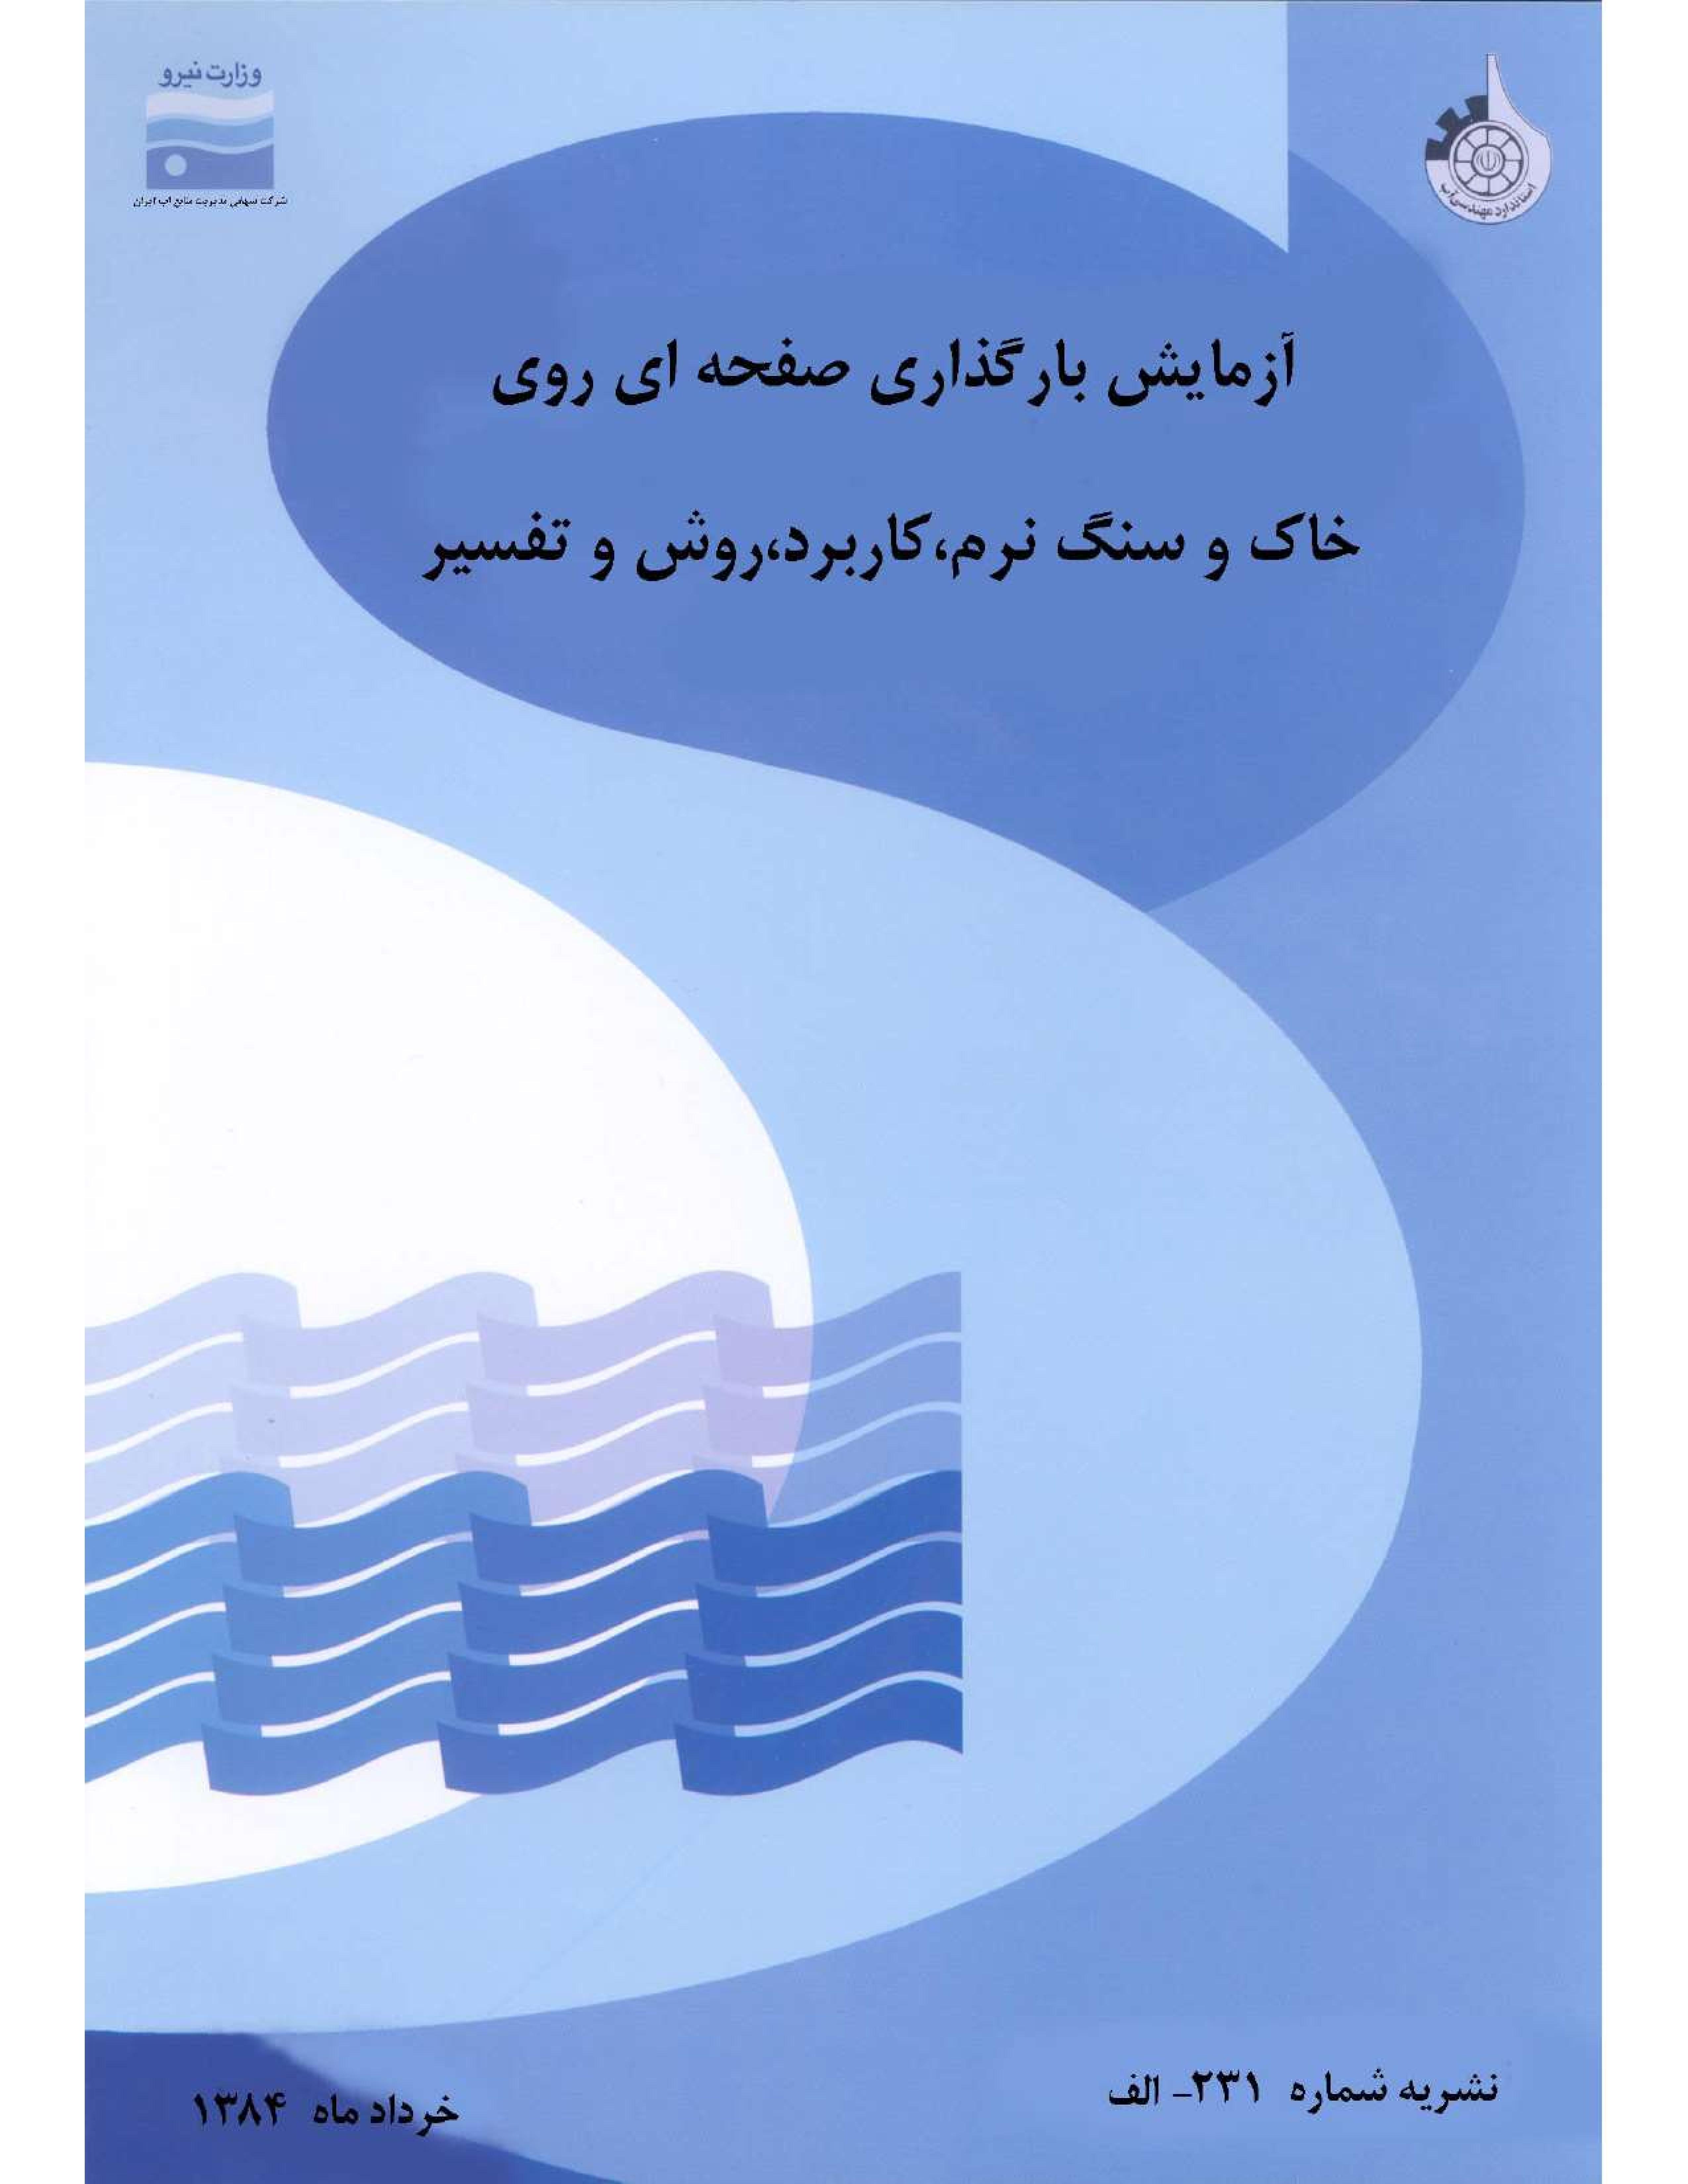 نشریه شماره 231-الف، آزمایش بارگذاری صفحه ای روی خاک و سنگ نرم، دفتر استانداردها و معیارهای فنی شرکت مدیریت منابع آب ایران